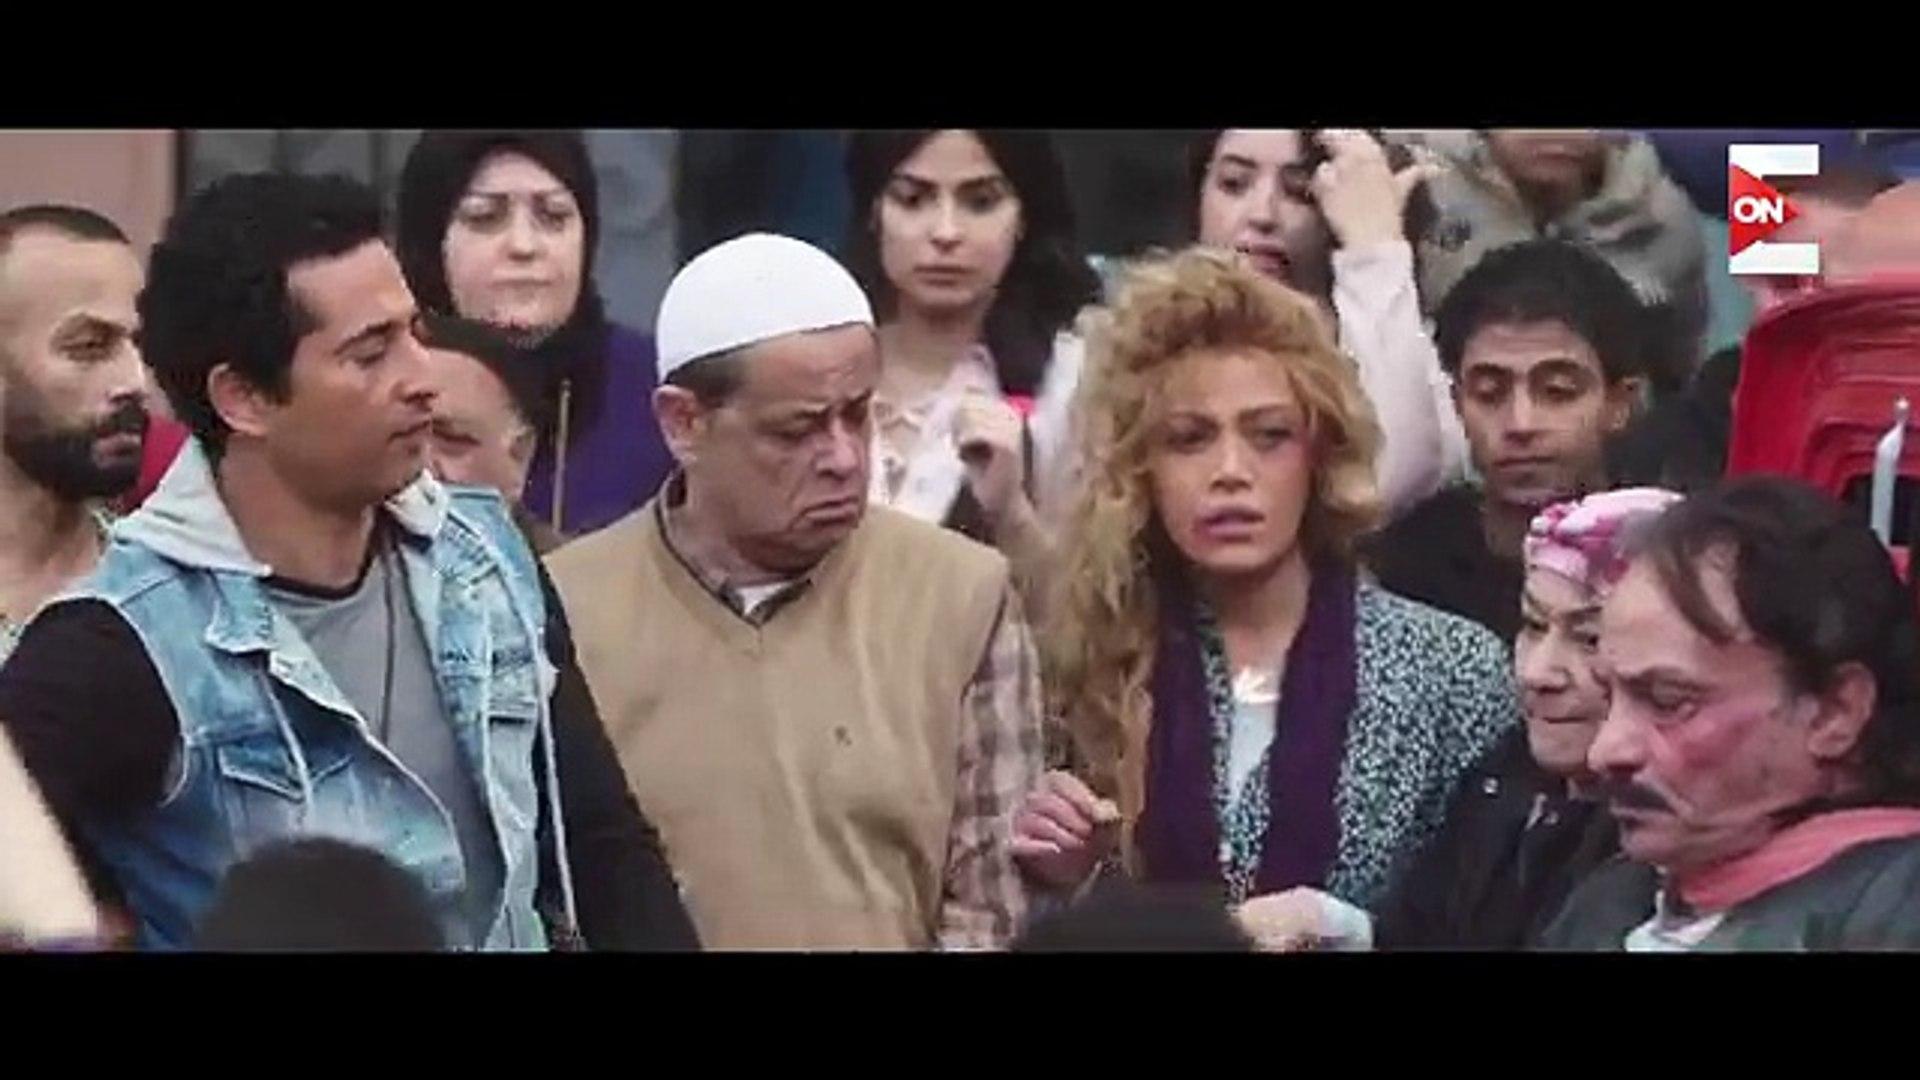 مسلسل وضع أمني Hd الحلقة السادسة عمرو سعد Wade3 Amny Episode 6